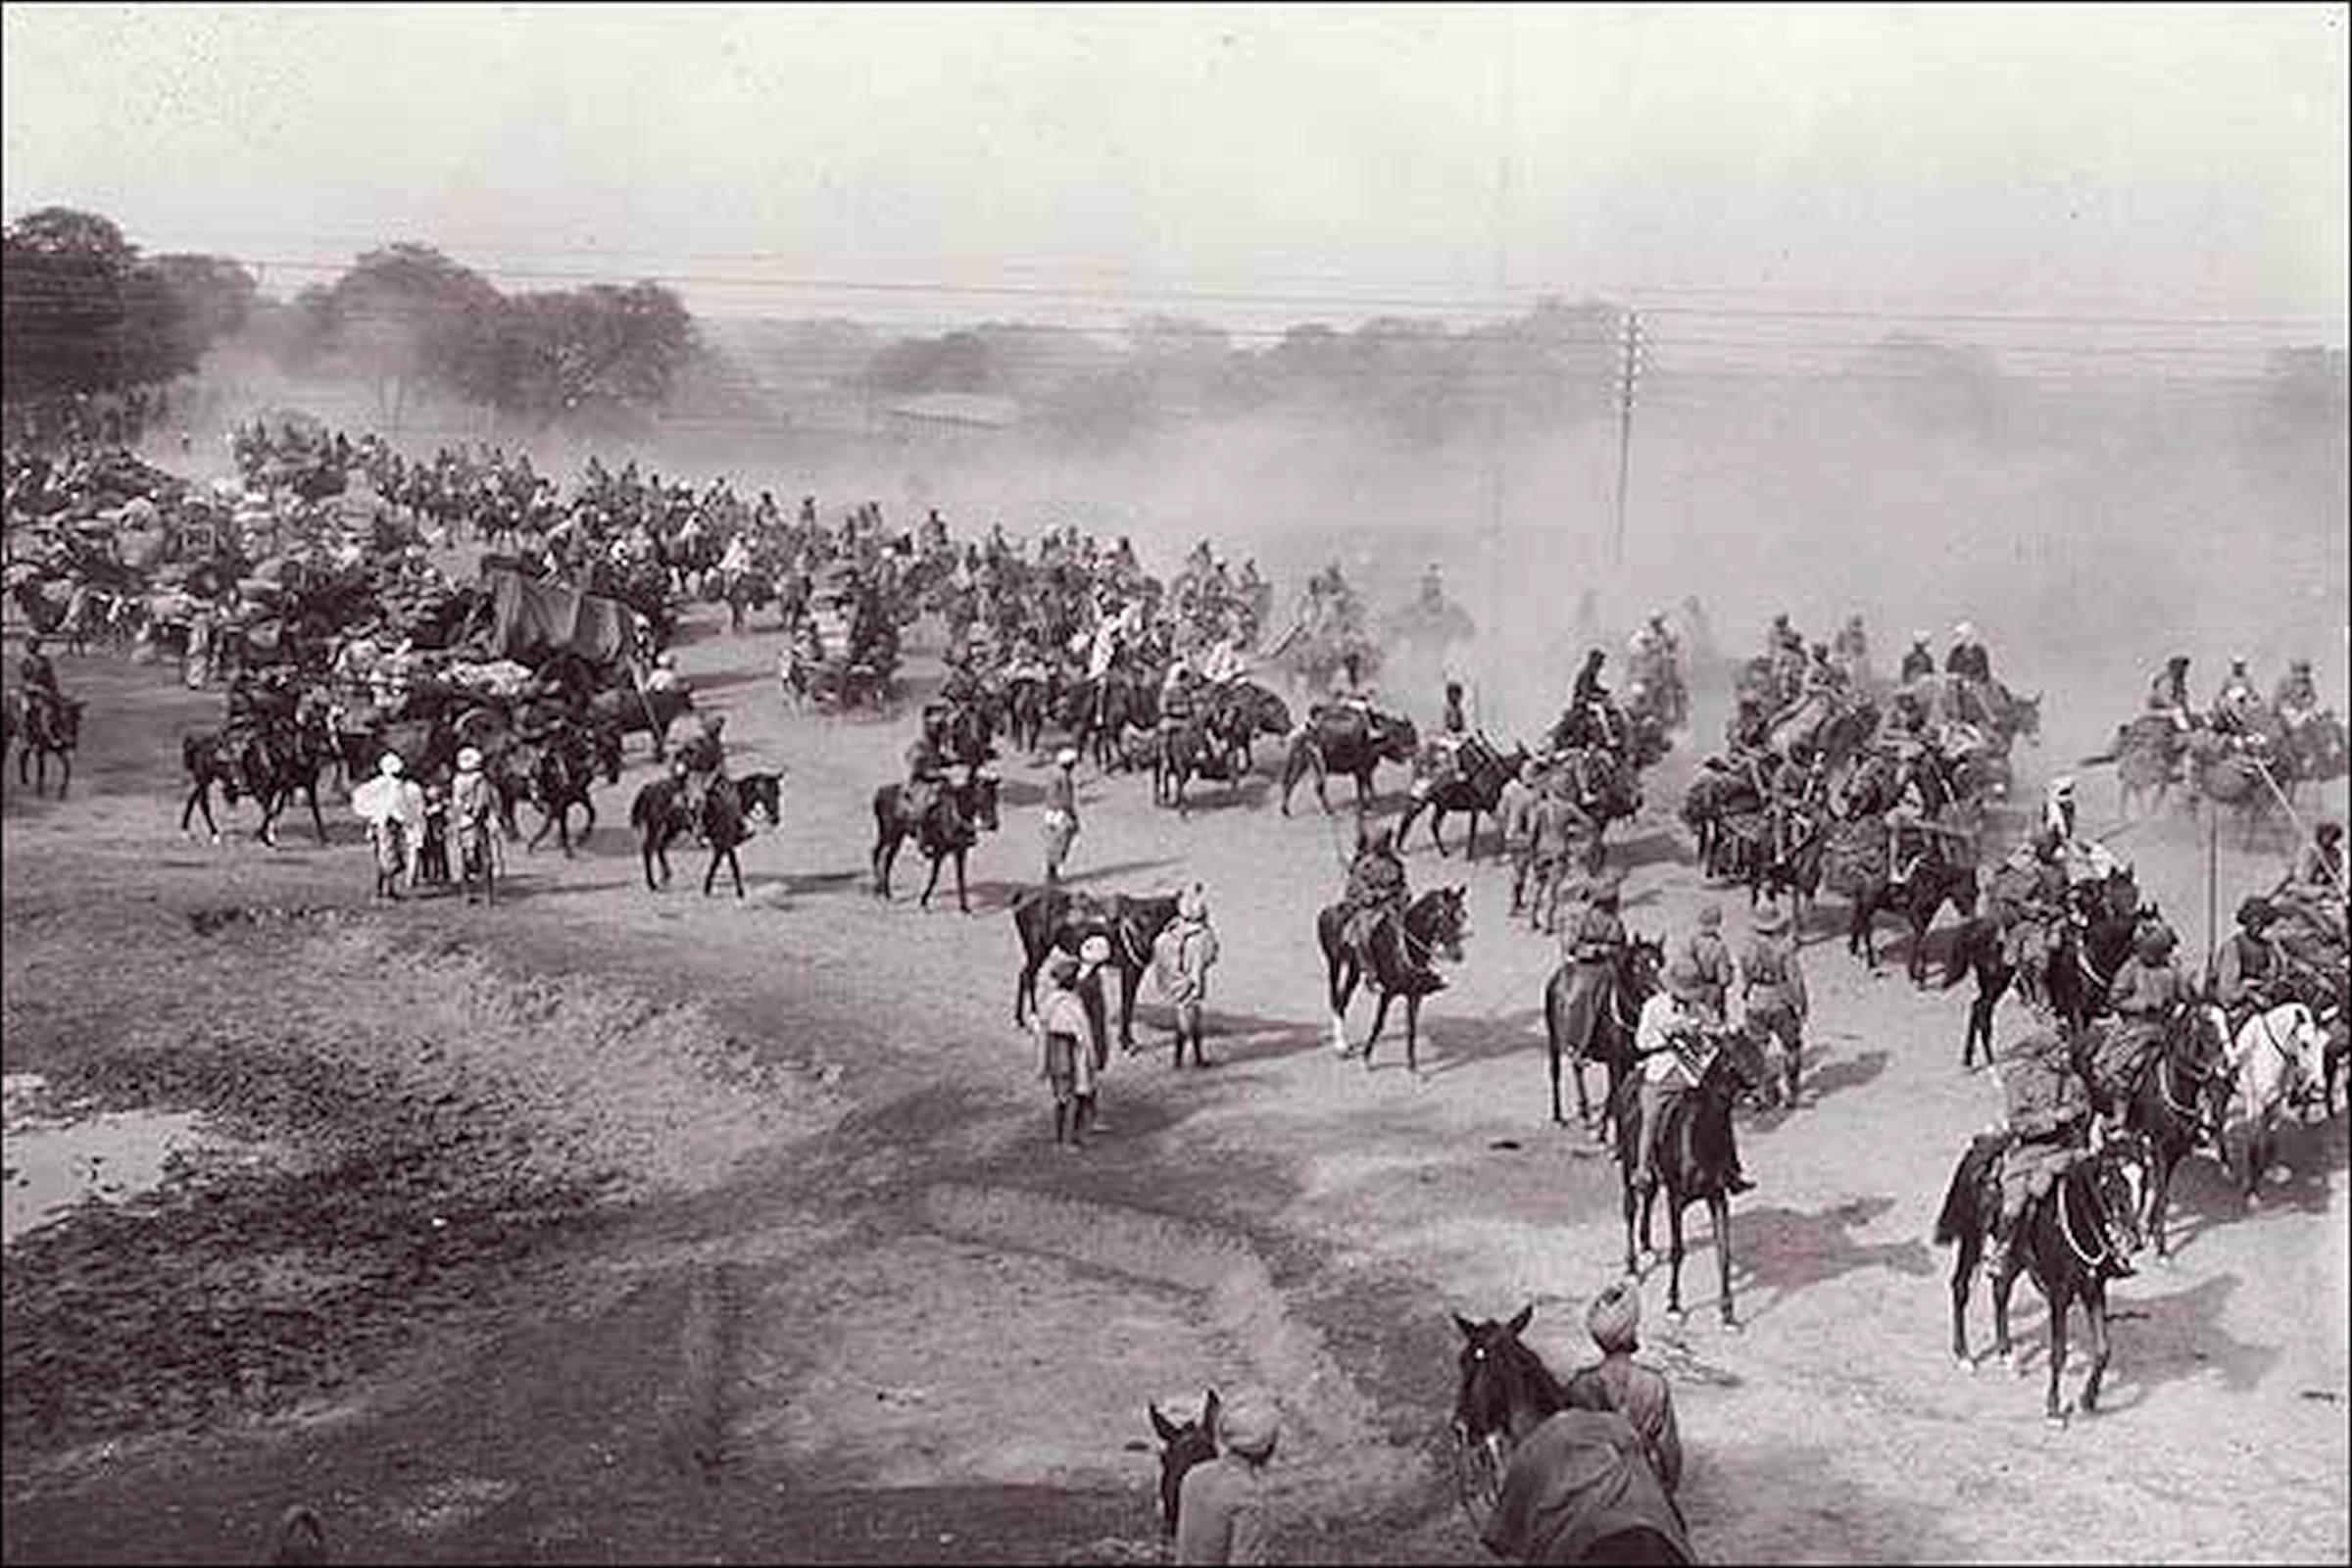 Ambala in the past, History of Ambala